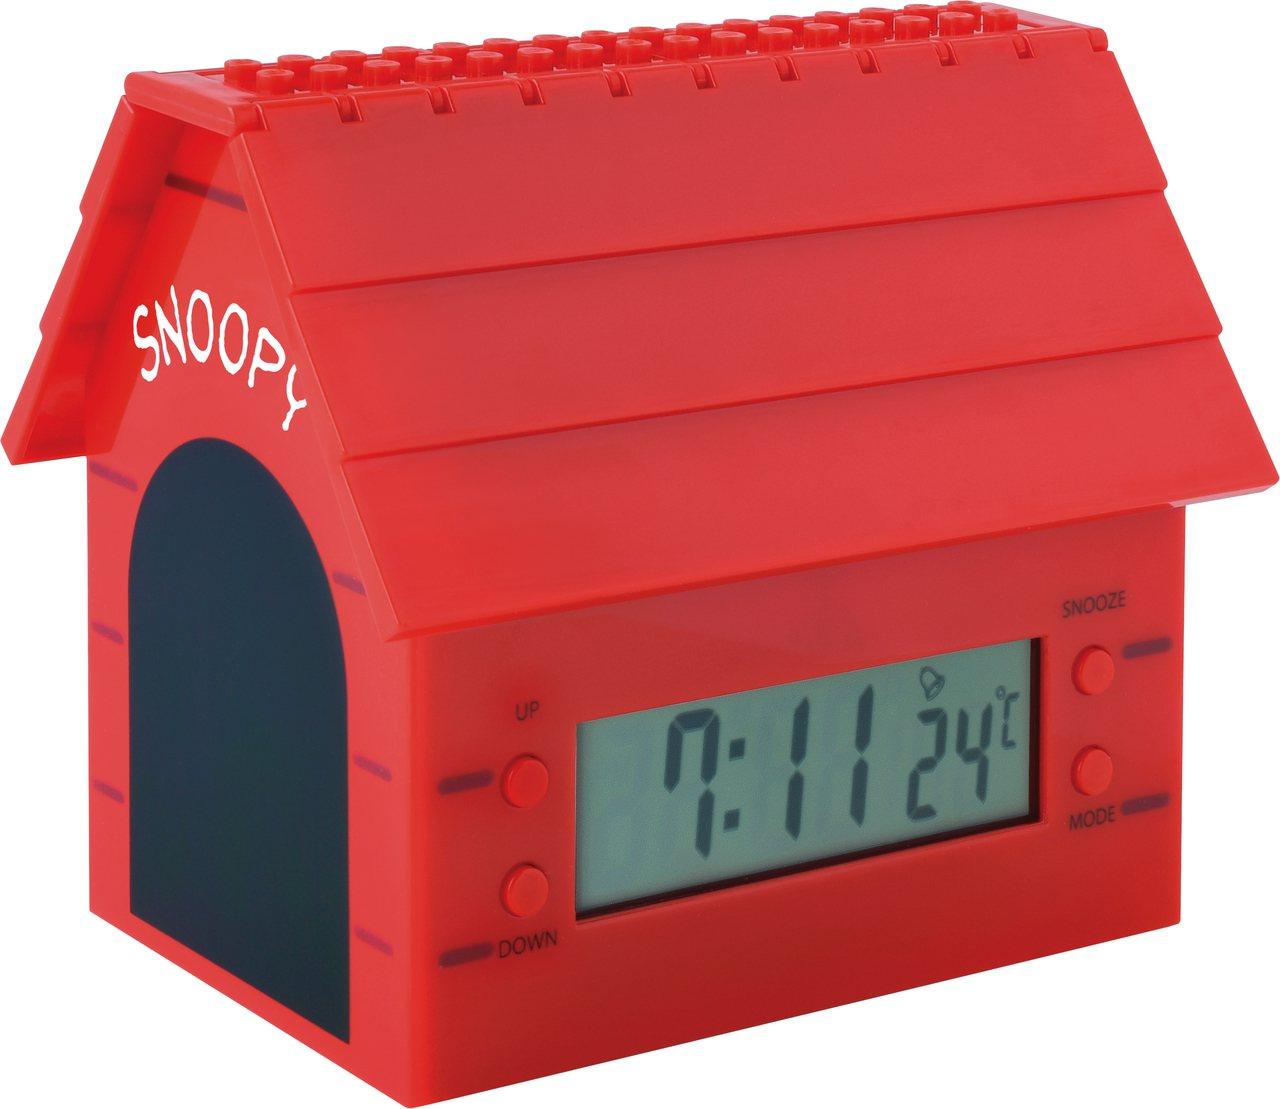 11月20日下午3點起開放預購的7-ELEVEN史努比「限量積木造型狗屋電子鐘」...